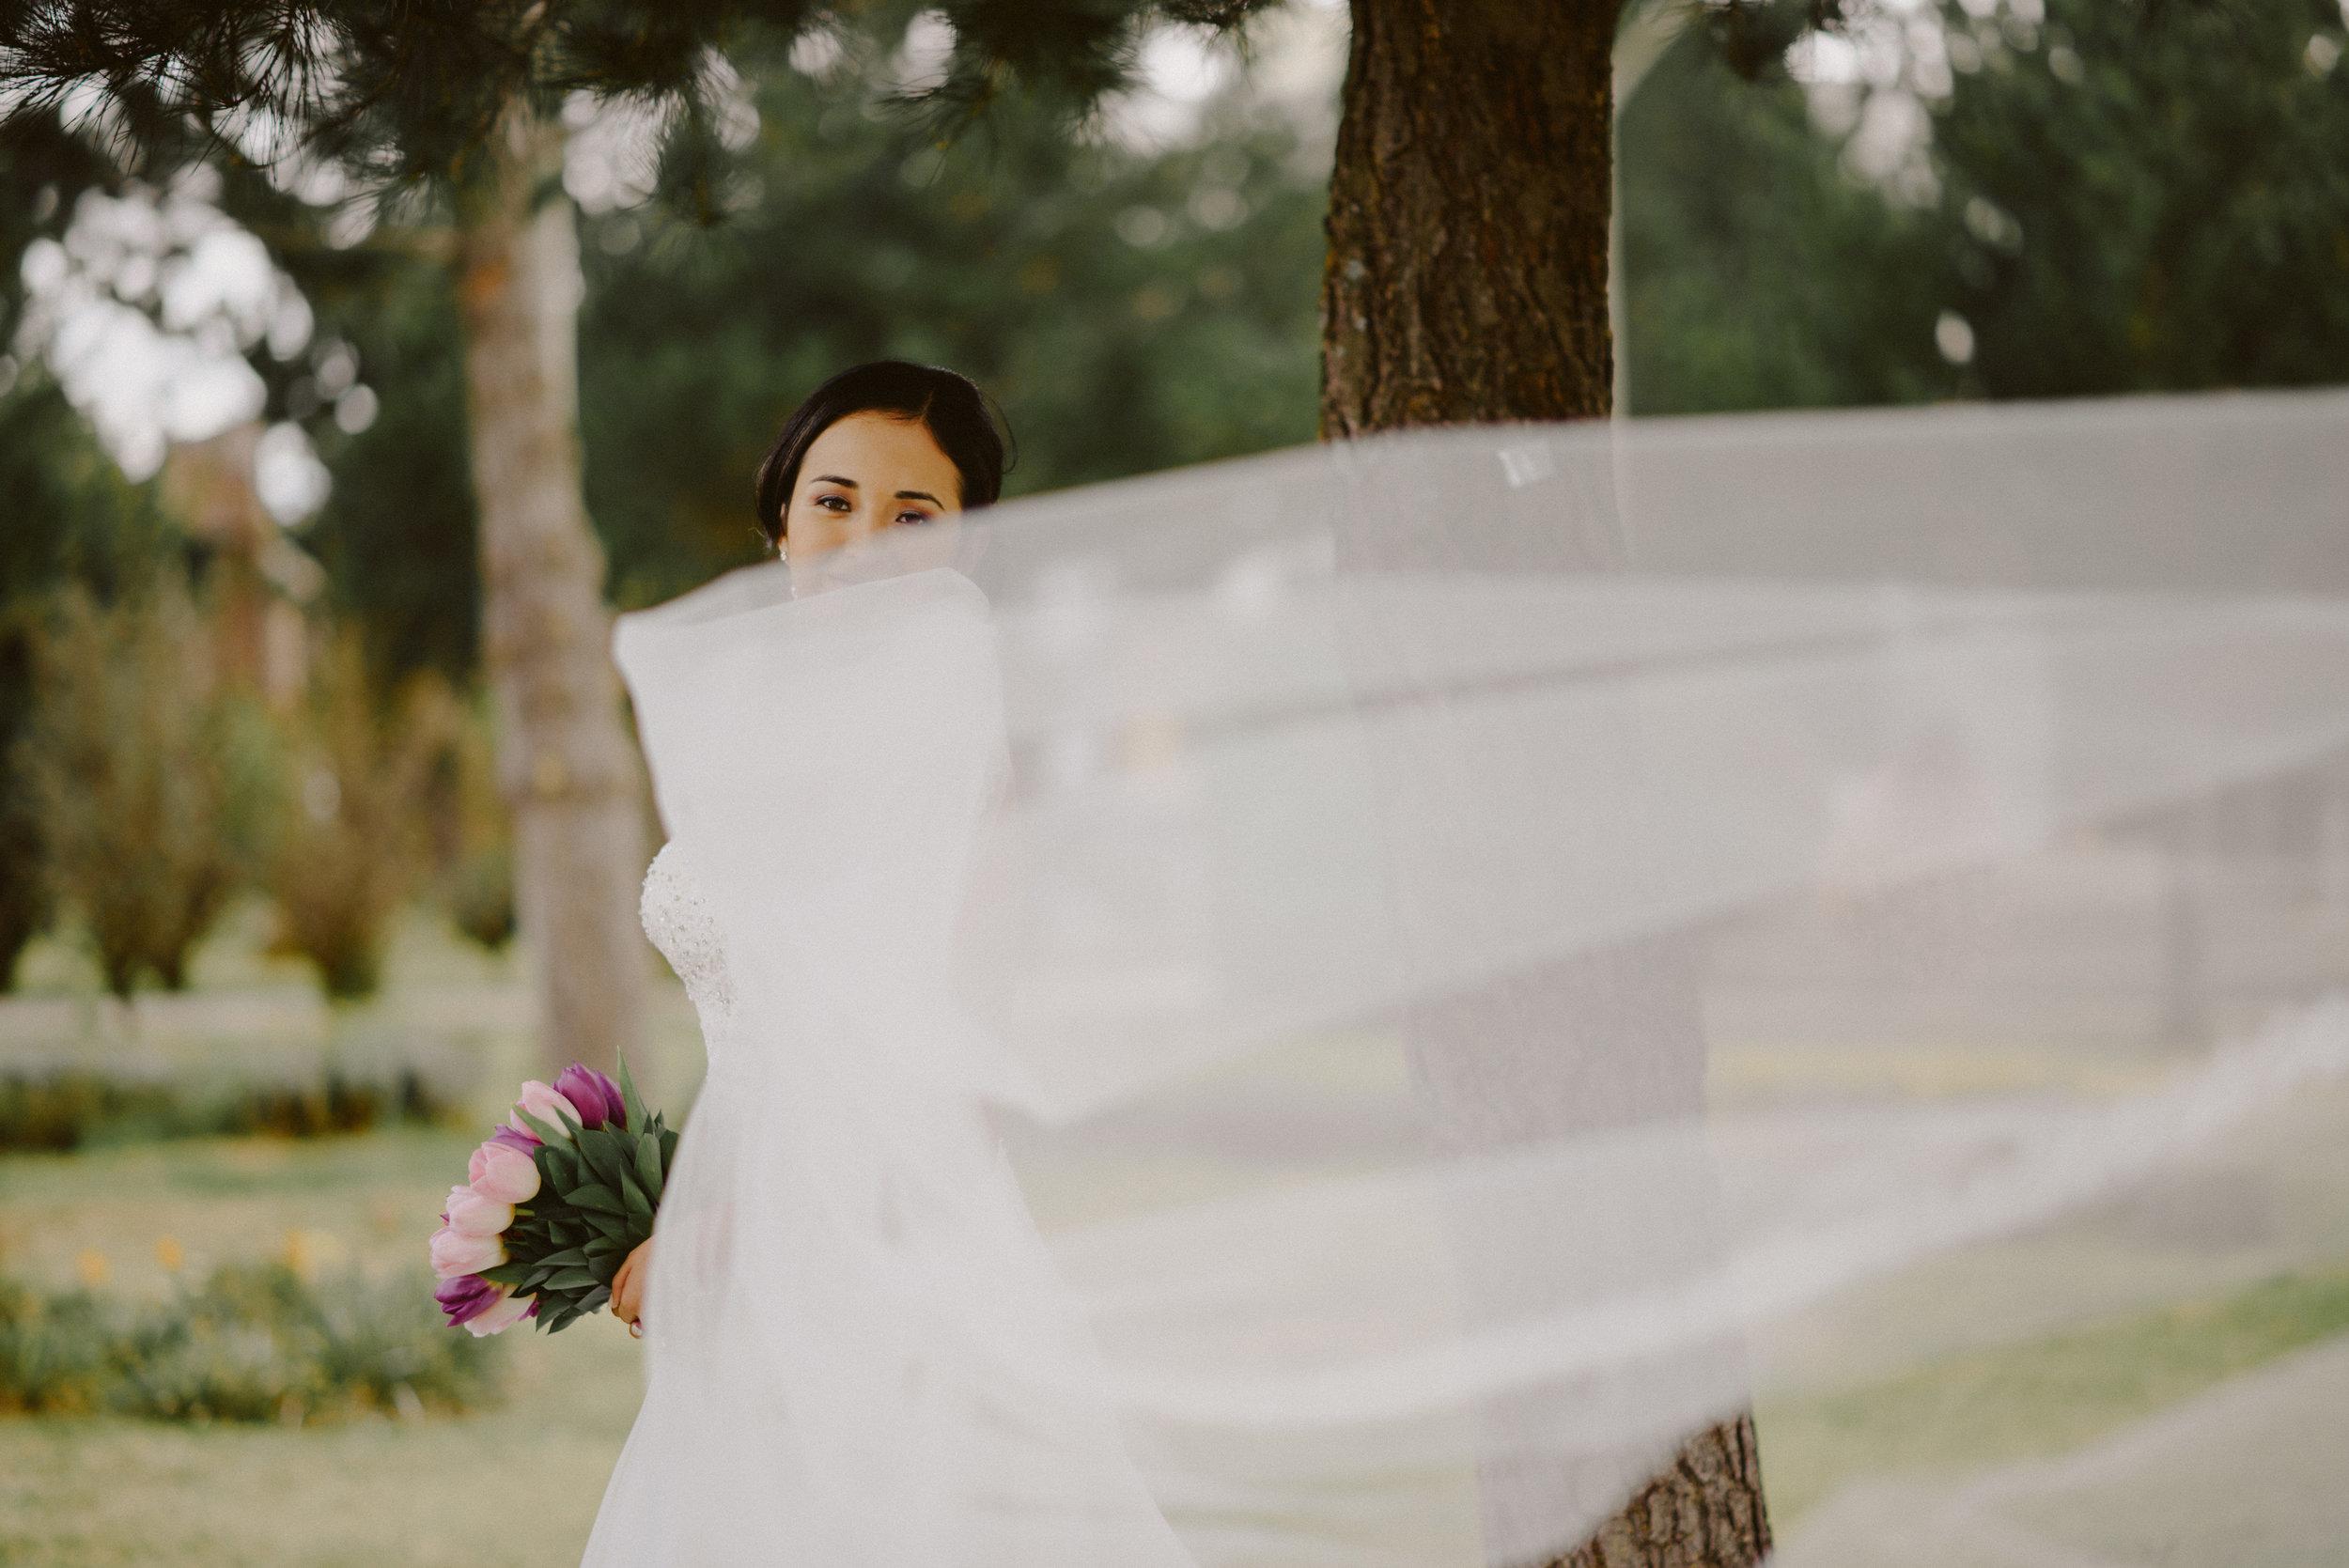 fotografo de bodas huancayo peru.jpg